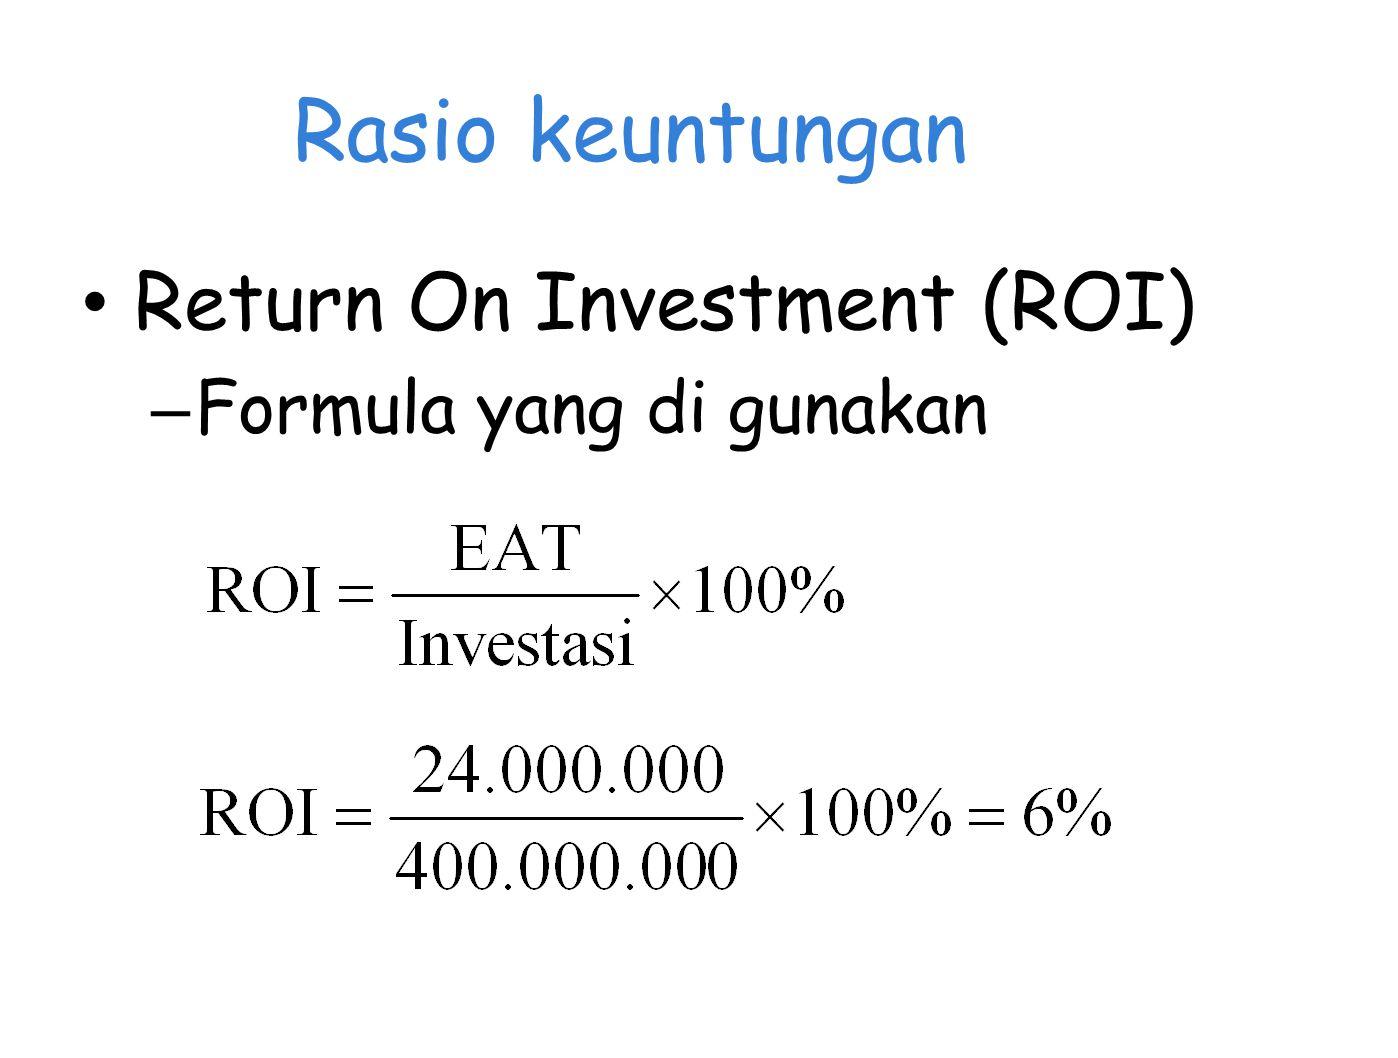 Rasio keuntungan Return On Investment (ROI) Formula yang di gunakan